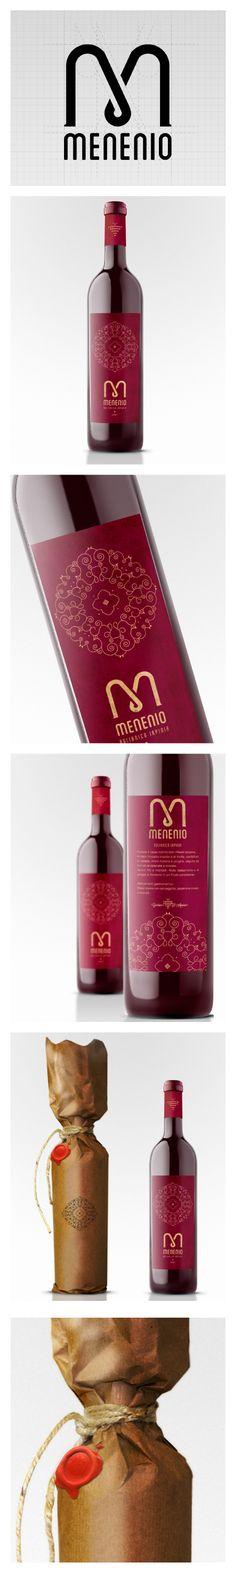 © Ilas® 2013 - Antonio D'amore / Docente Alessandro Leone #wine #branding #design maximum